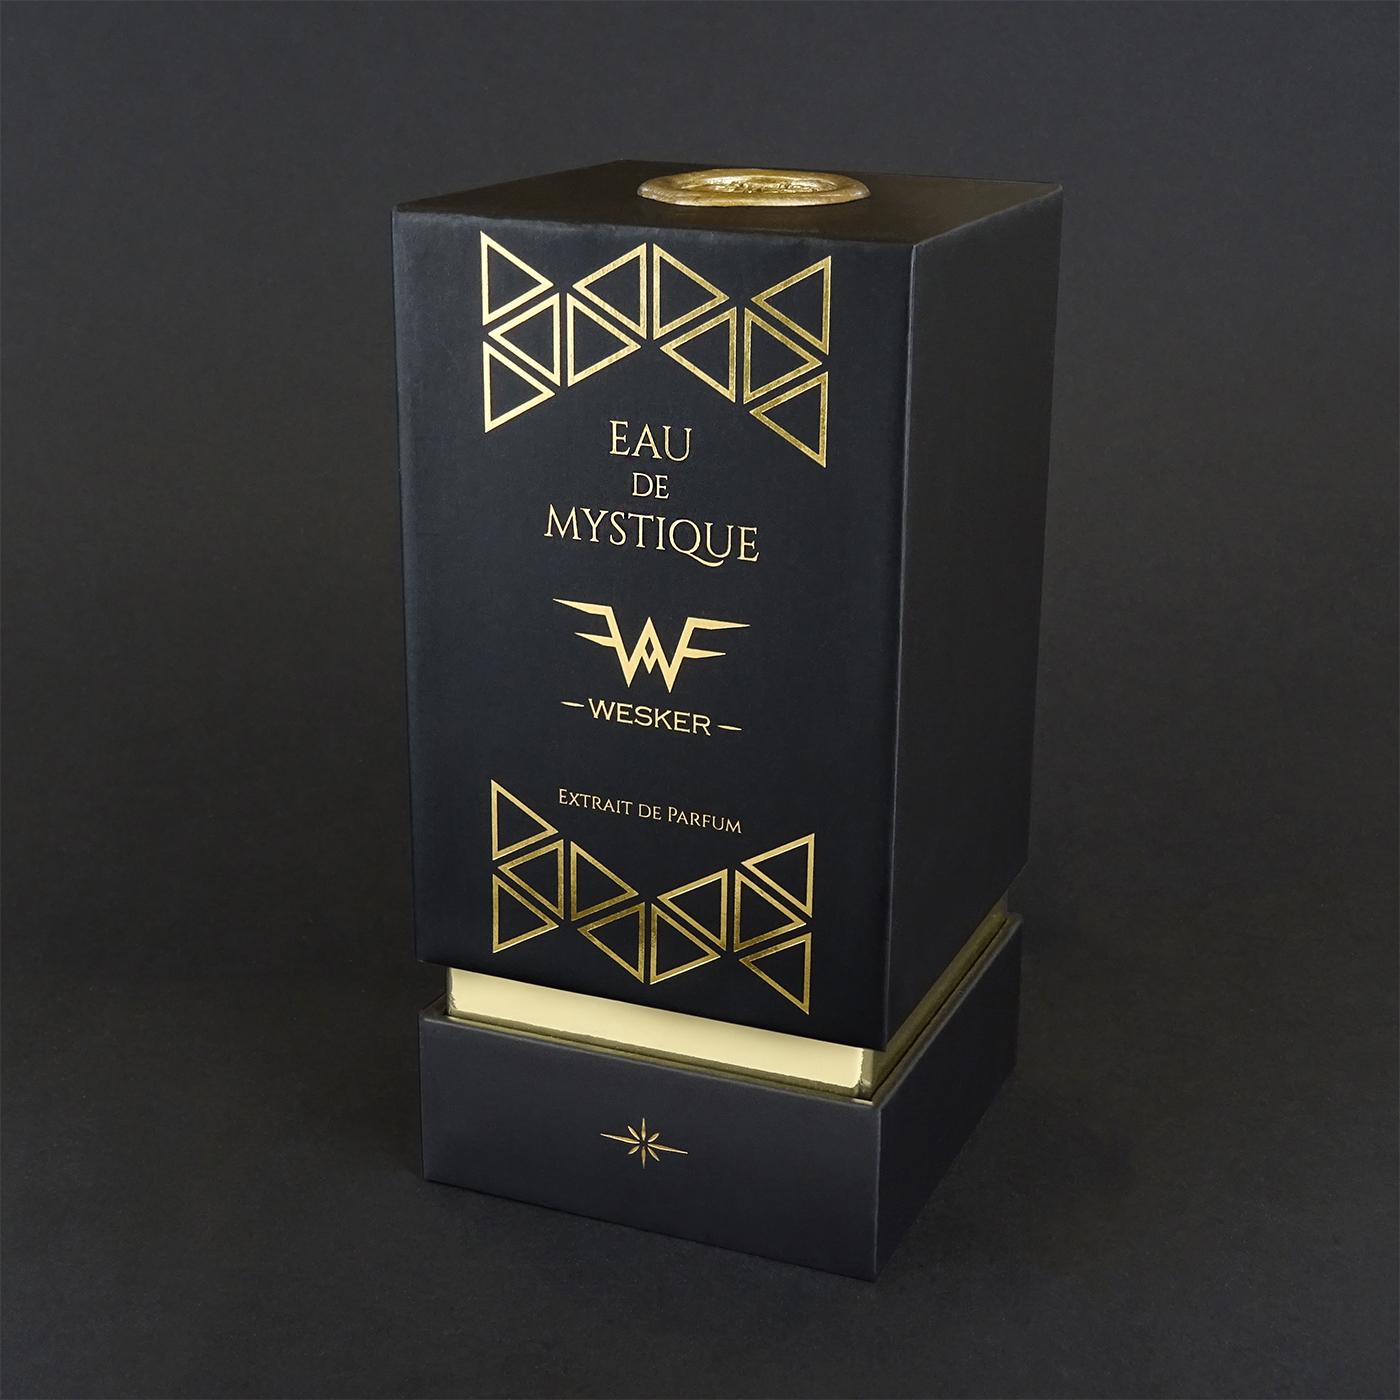 Wesker_Eau_De_Mystique_Packaging_1x1